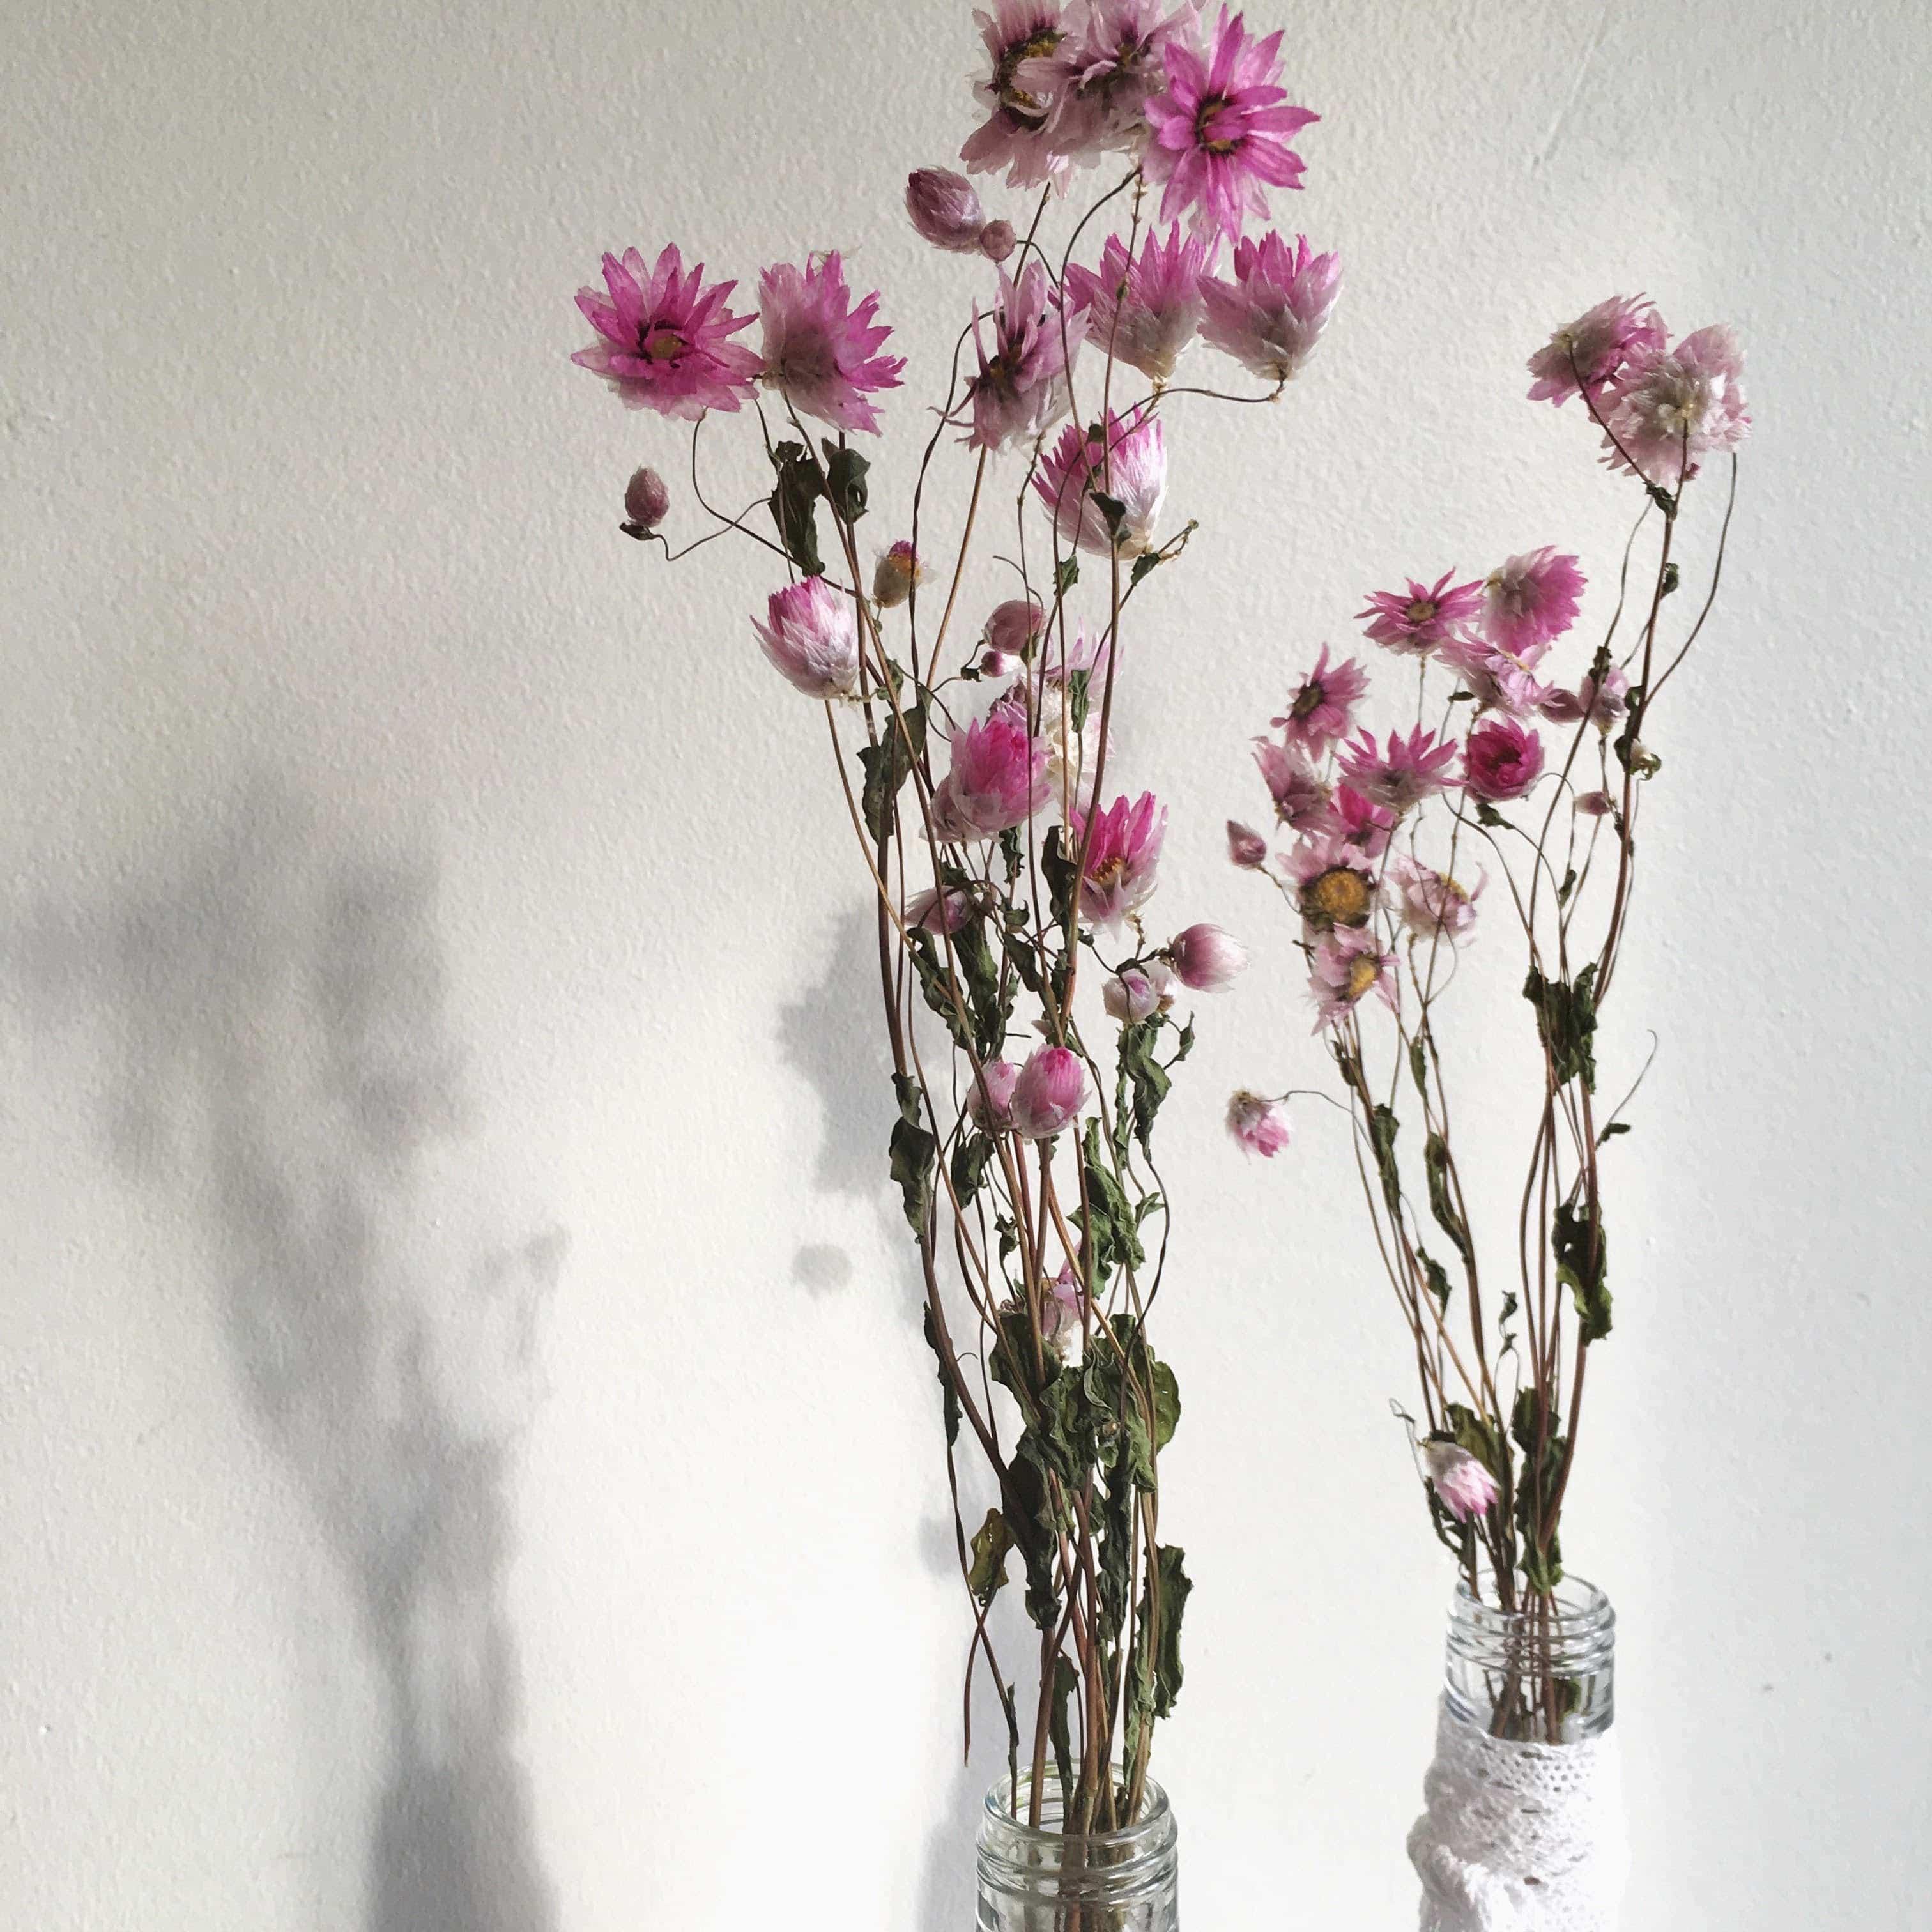 Accessoire de mariage en fleurs naturelles - Les Fleurs Dupont